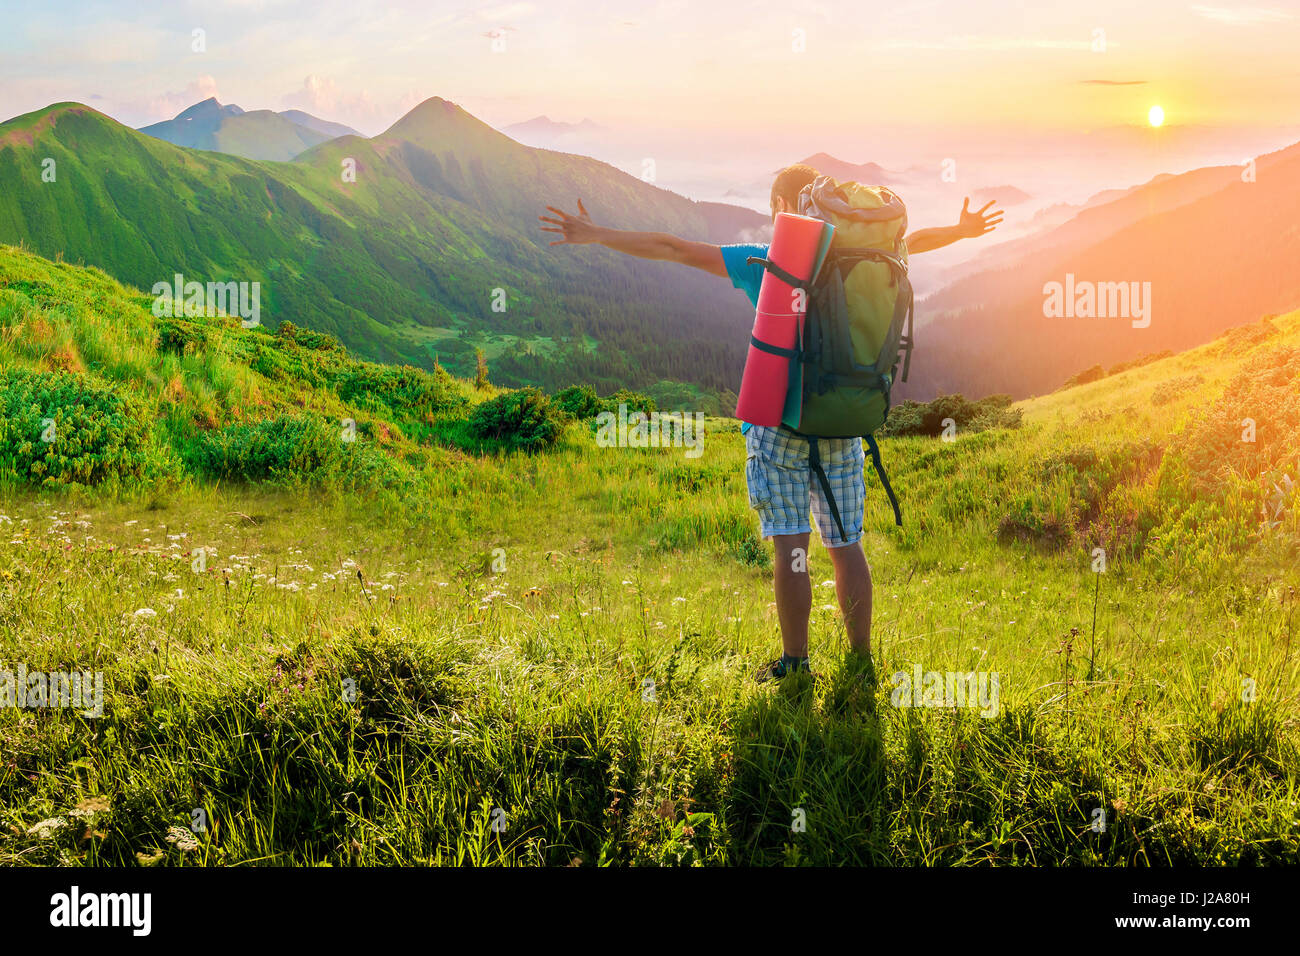 Randonneur avec un sac à dos debout dans les montagnes. Nature paysage incroyable. Effet de lumière douce Photo Stock